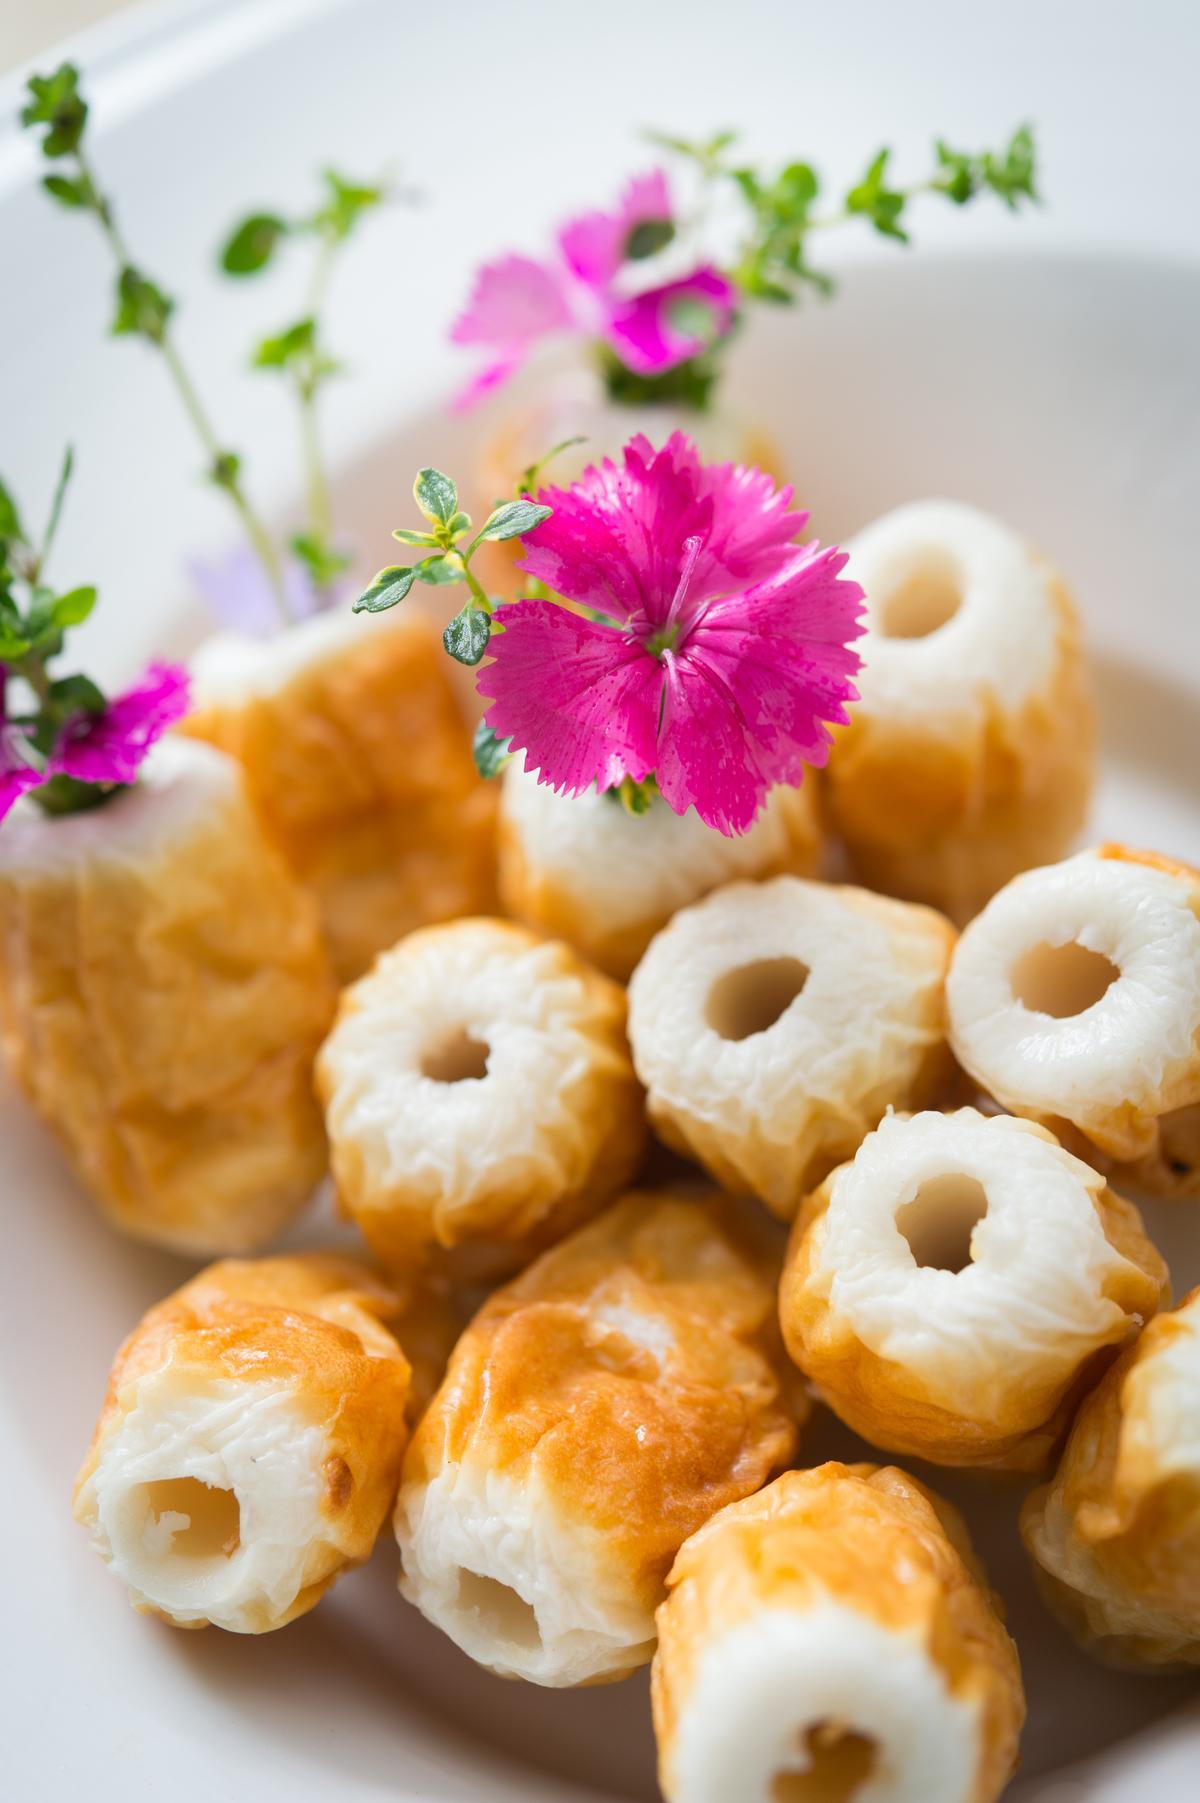 以帶梗的石竹、馬郁蘭插成「花竹輪」,火鍋料大變身也添風味。(800元套餐菜色)